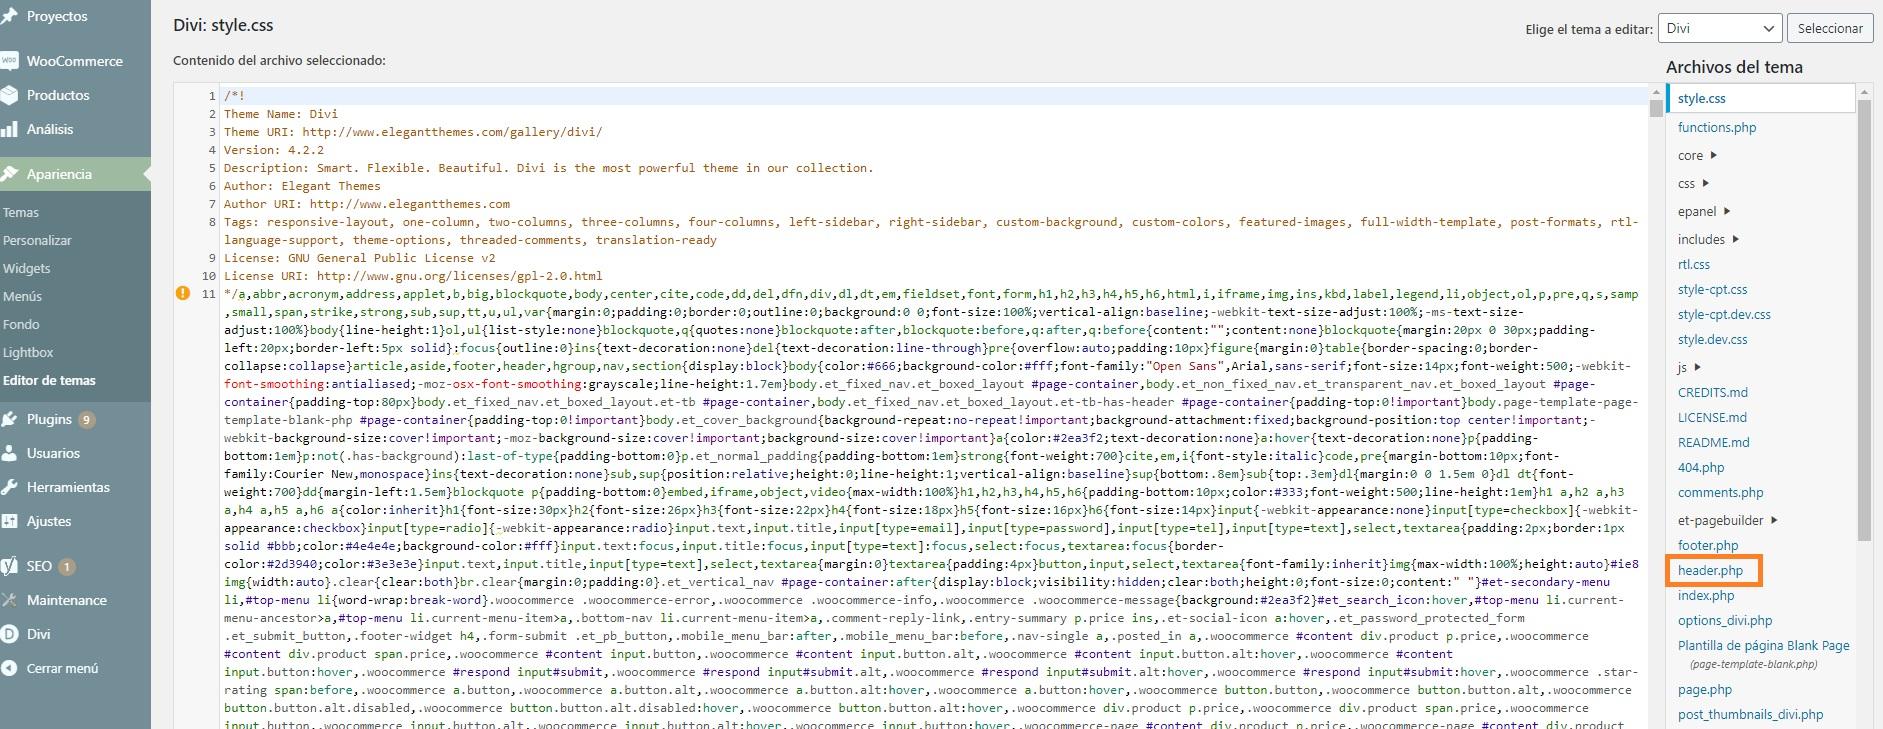 como VERIFICAR url ddominio SITIO WEB EN MERCHANt CENTER PASO A PASO con codigo html en wordpress EN HEADER